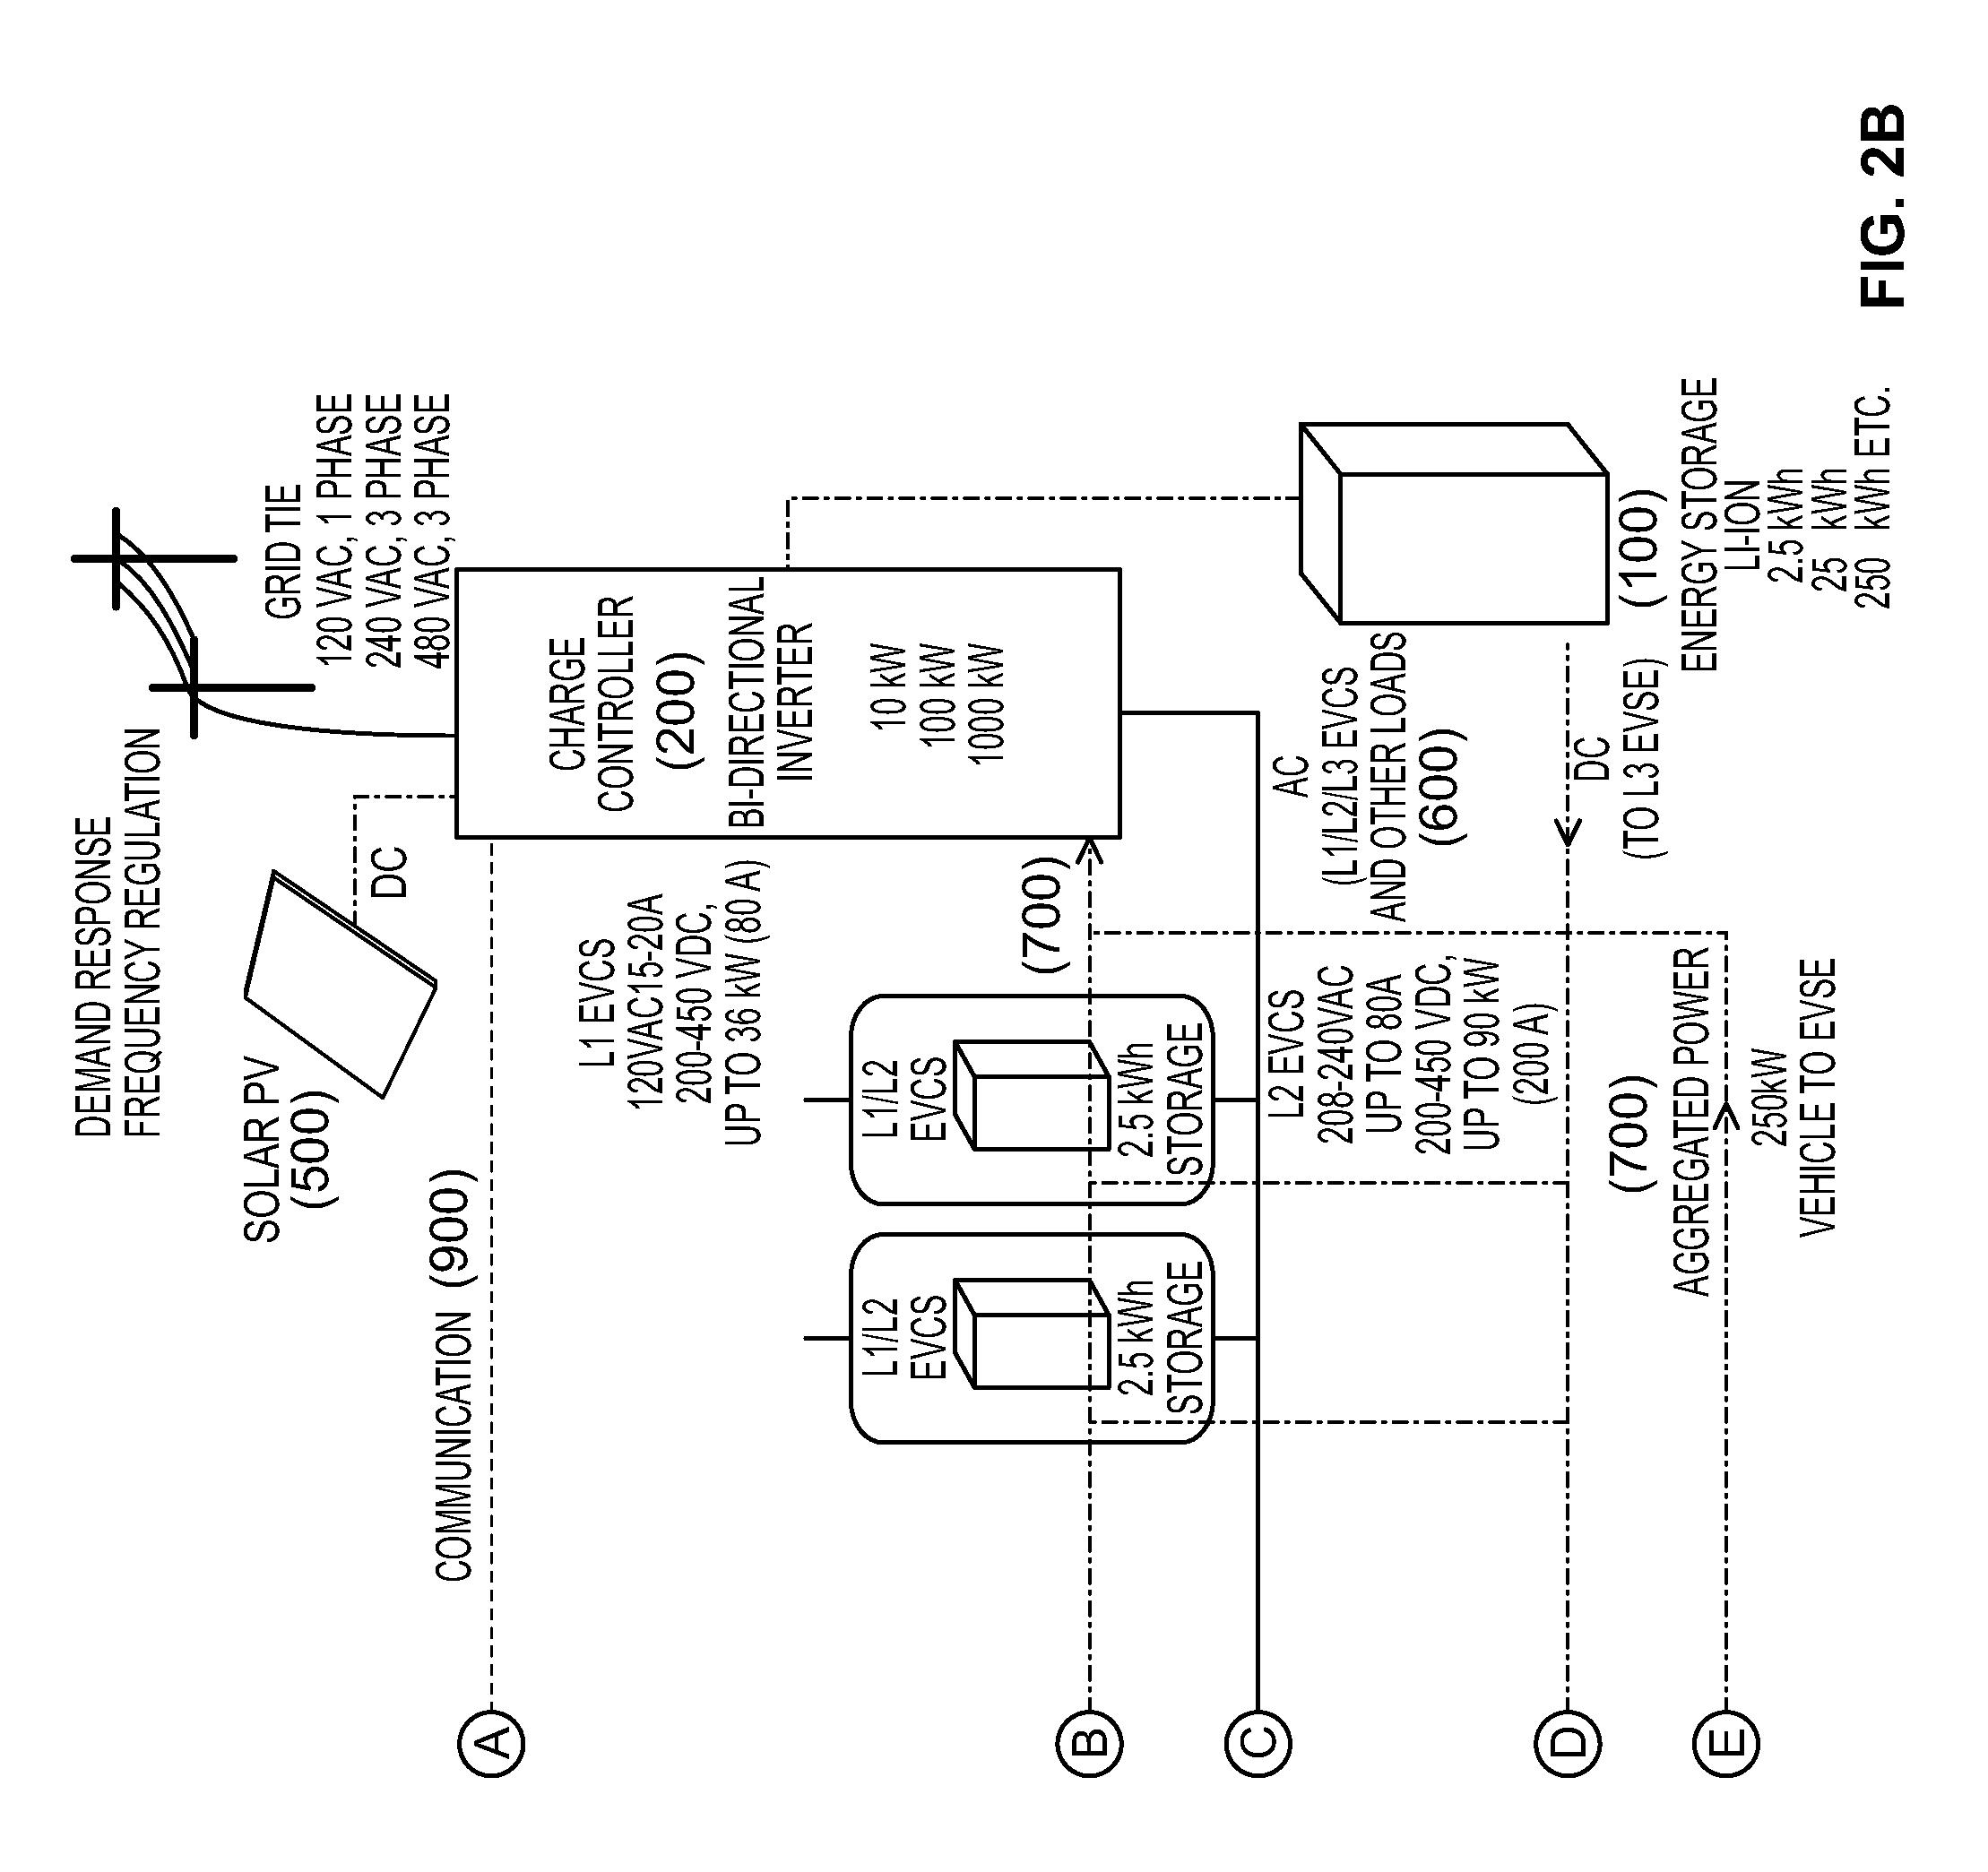 patent us20110276194